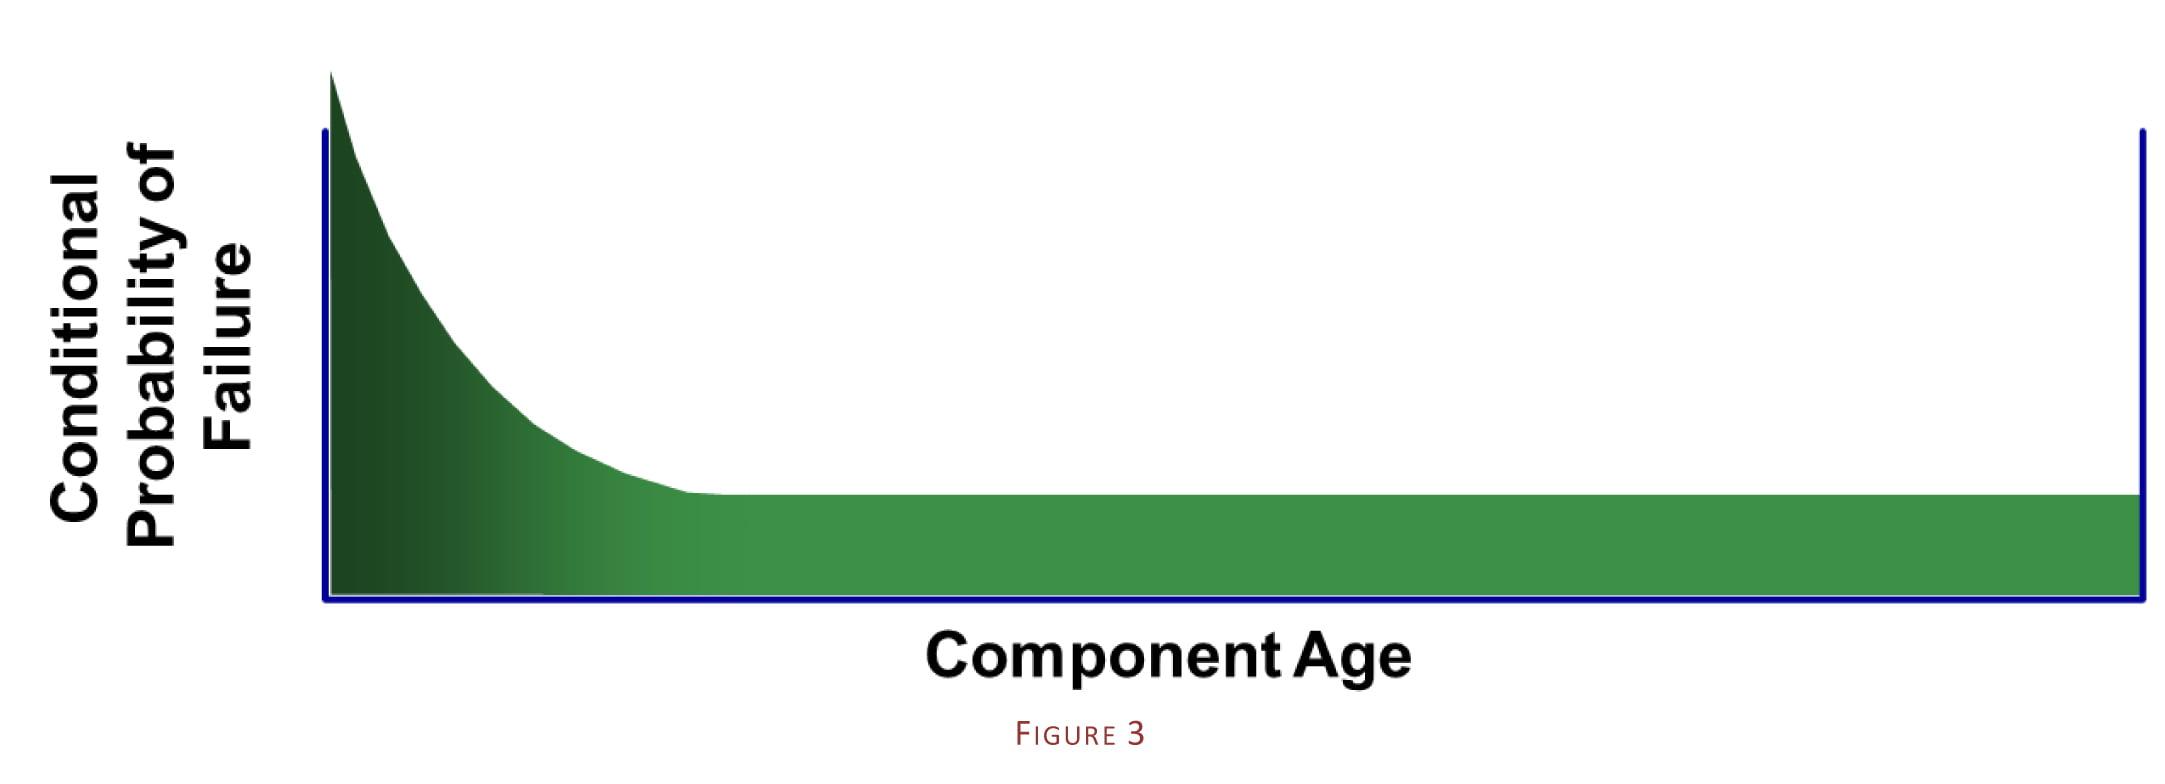 Equipment Life Diagram 3